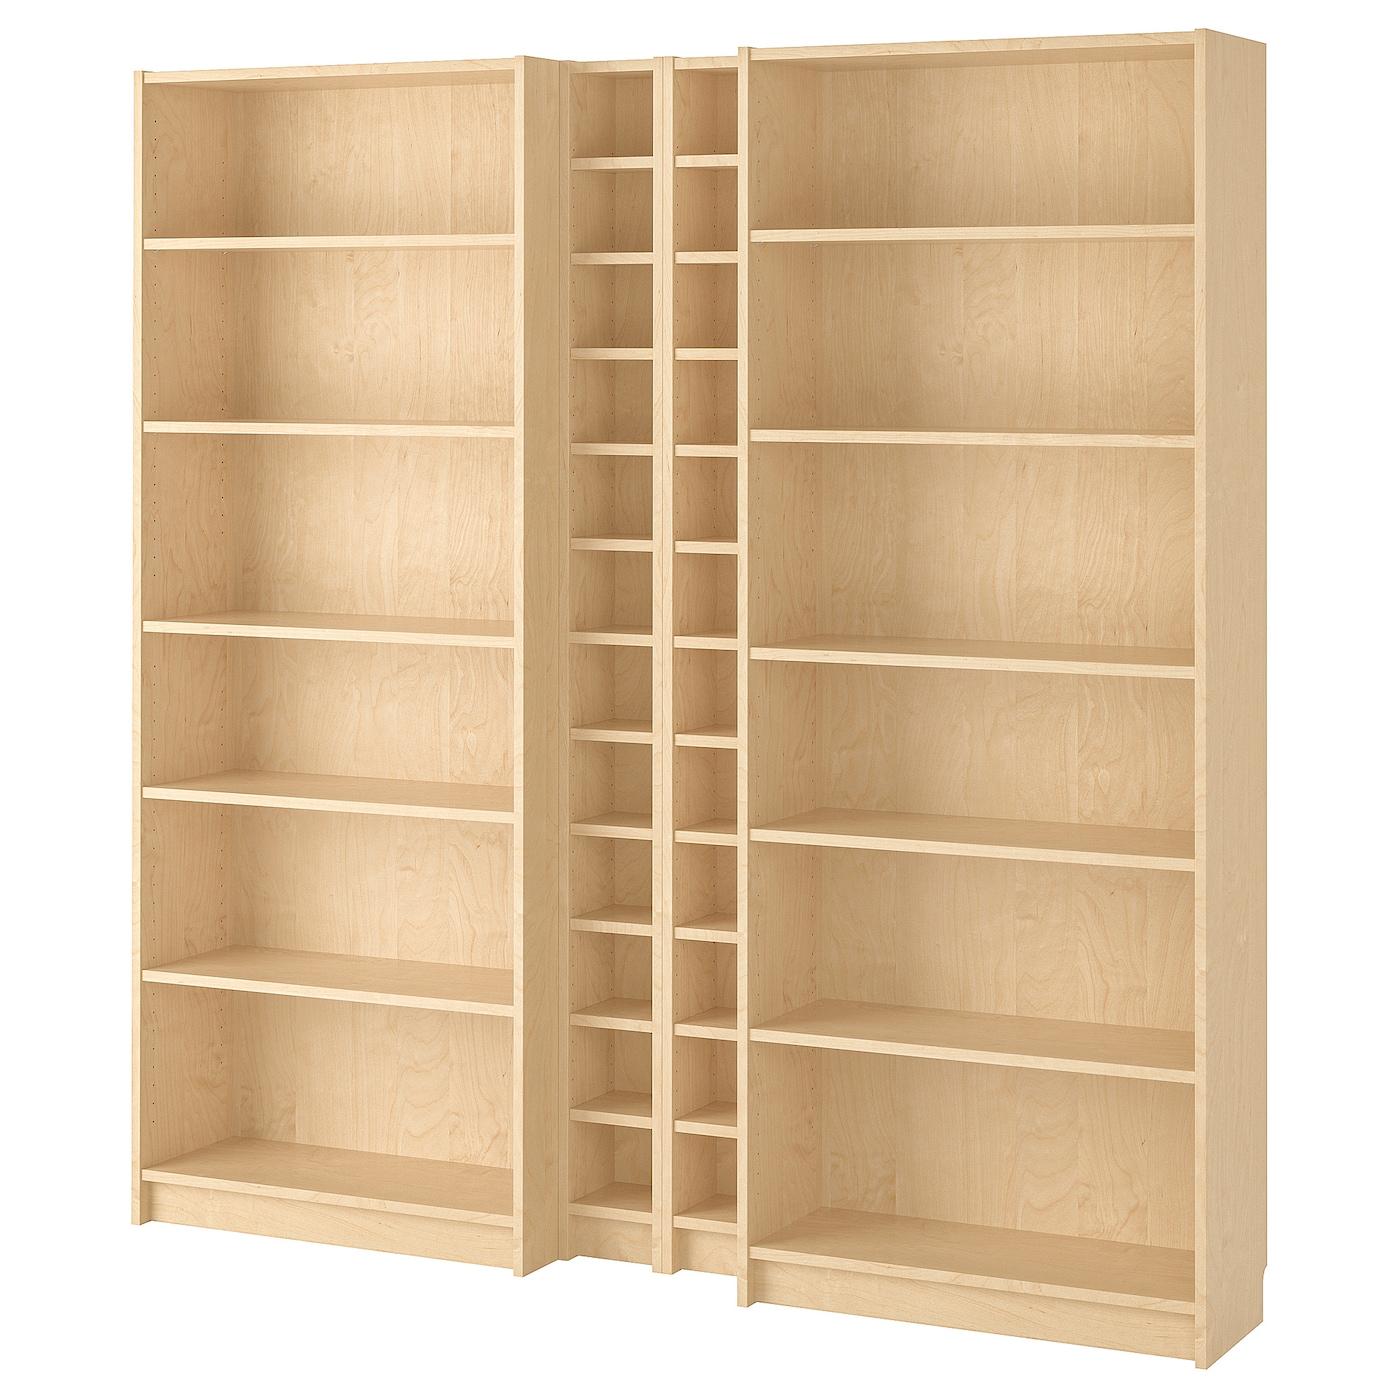 ikea billygnedby boekenkast verstelbare planken naar behoefte aan te passen